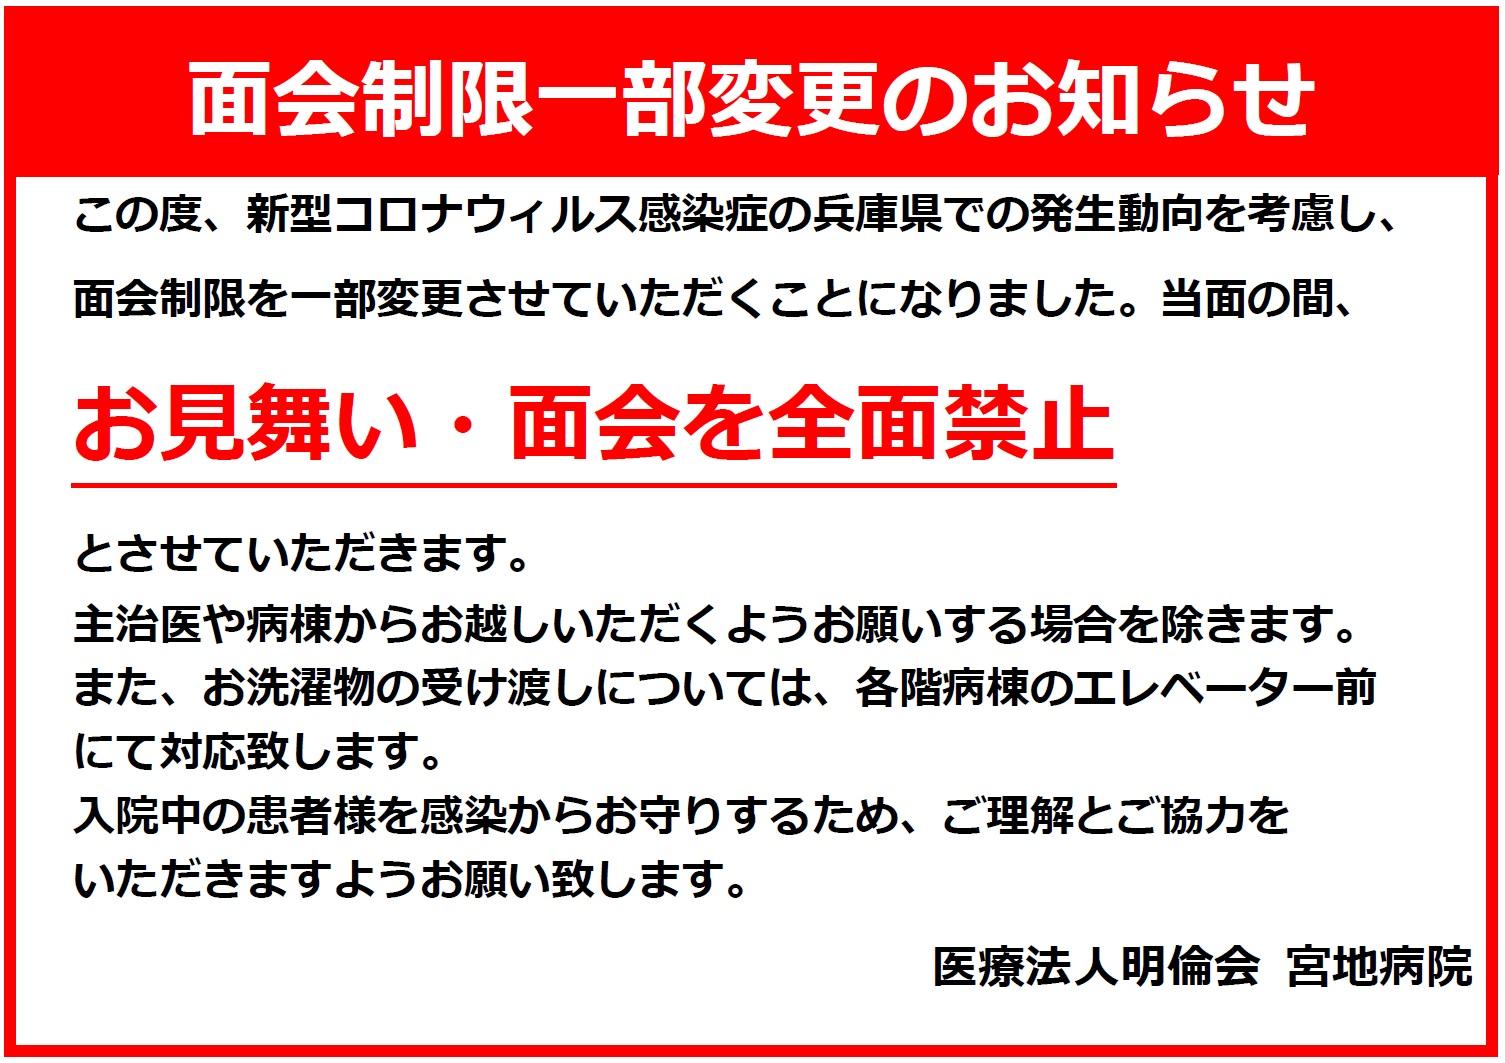 宮地病院【2020.11.19】面会制限のお知らせ